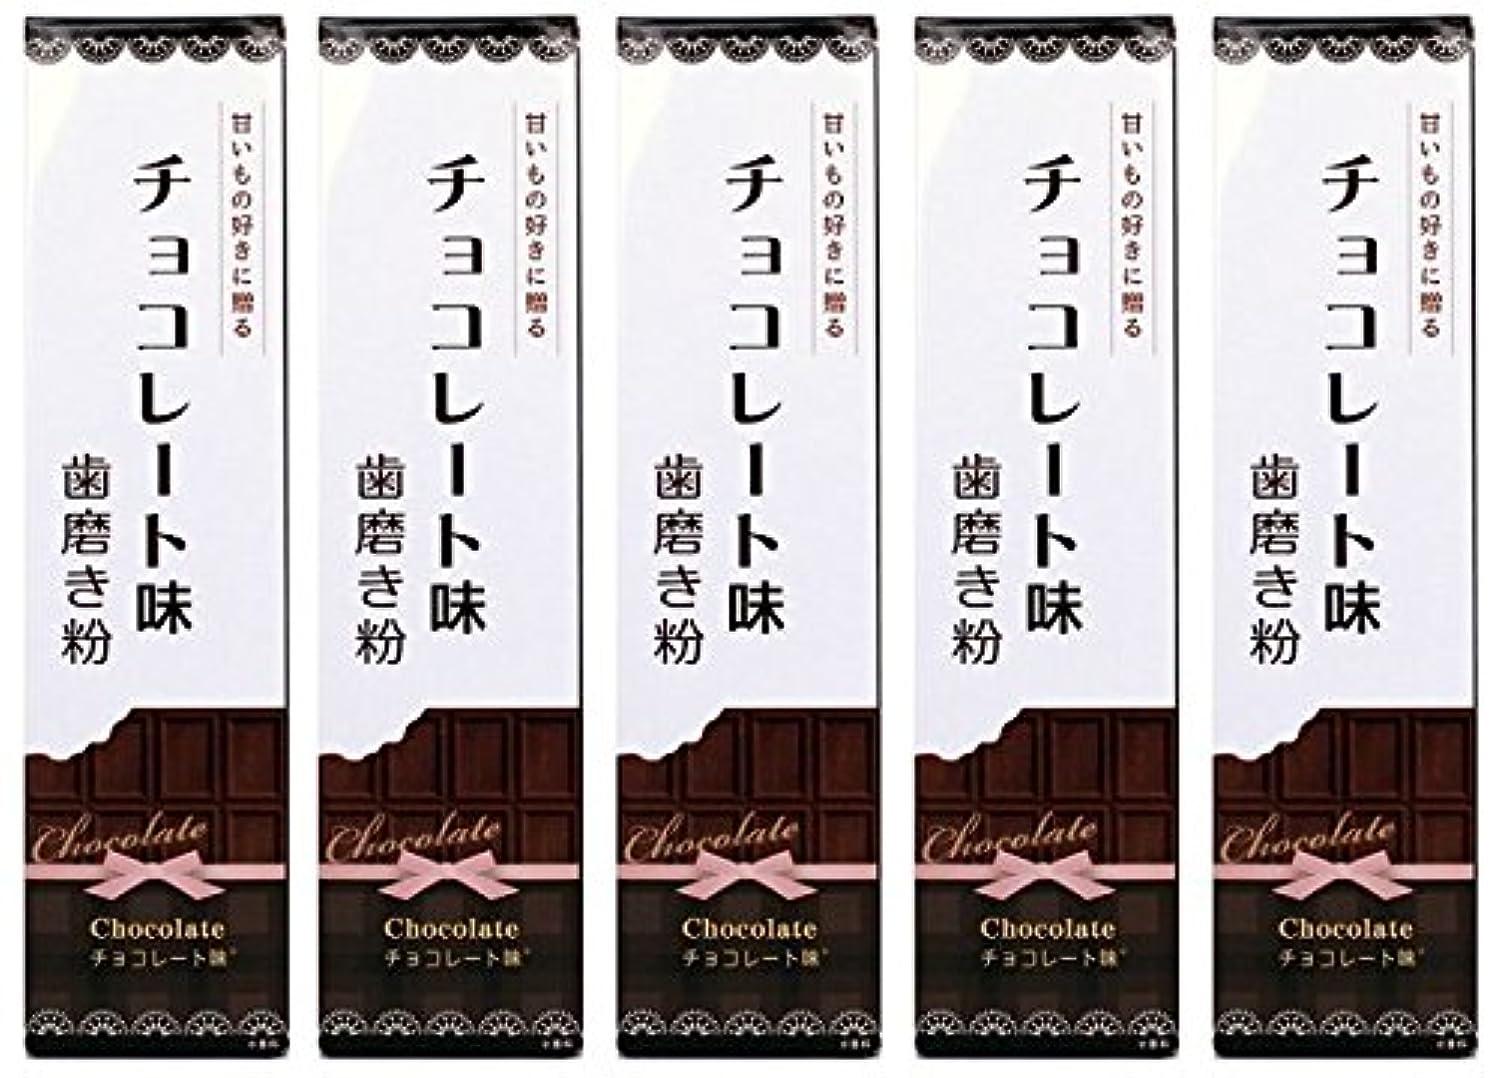 ケニア飛び込むラジウムSWEETS 歯磨き粉 チョコレート味 70g (5本)